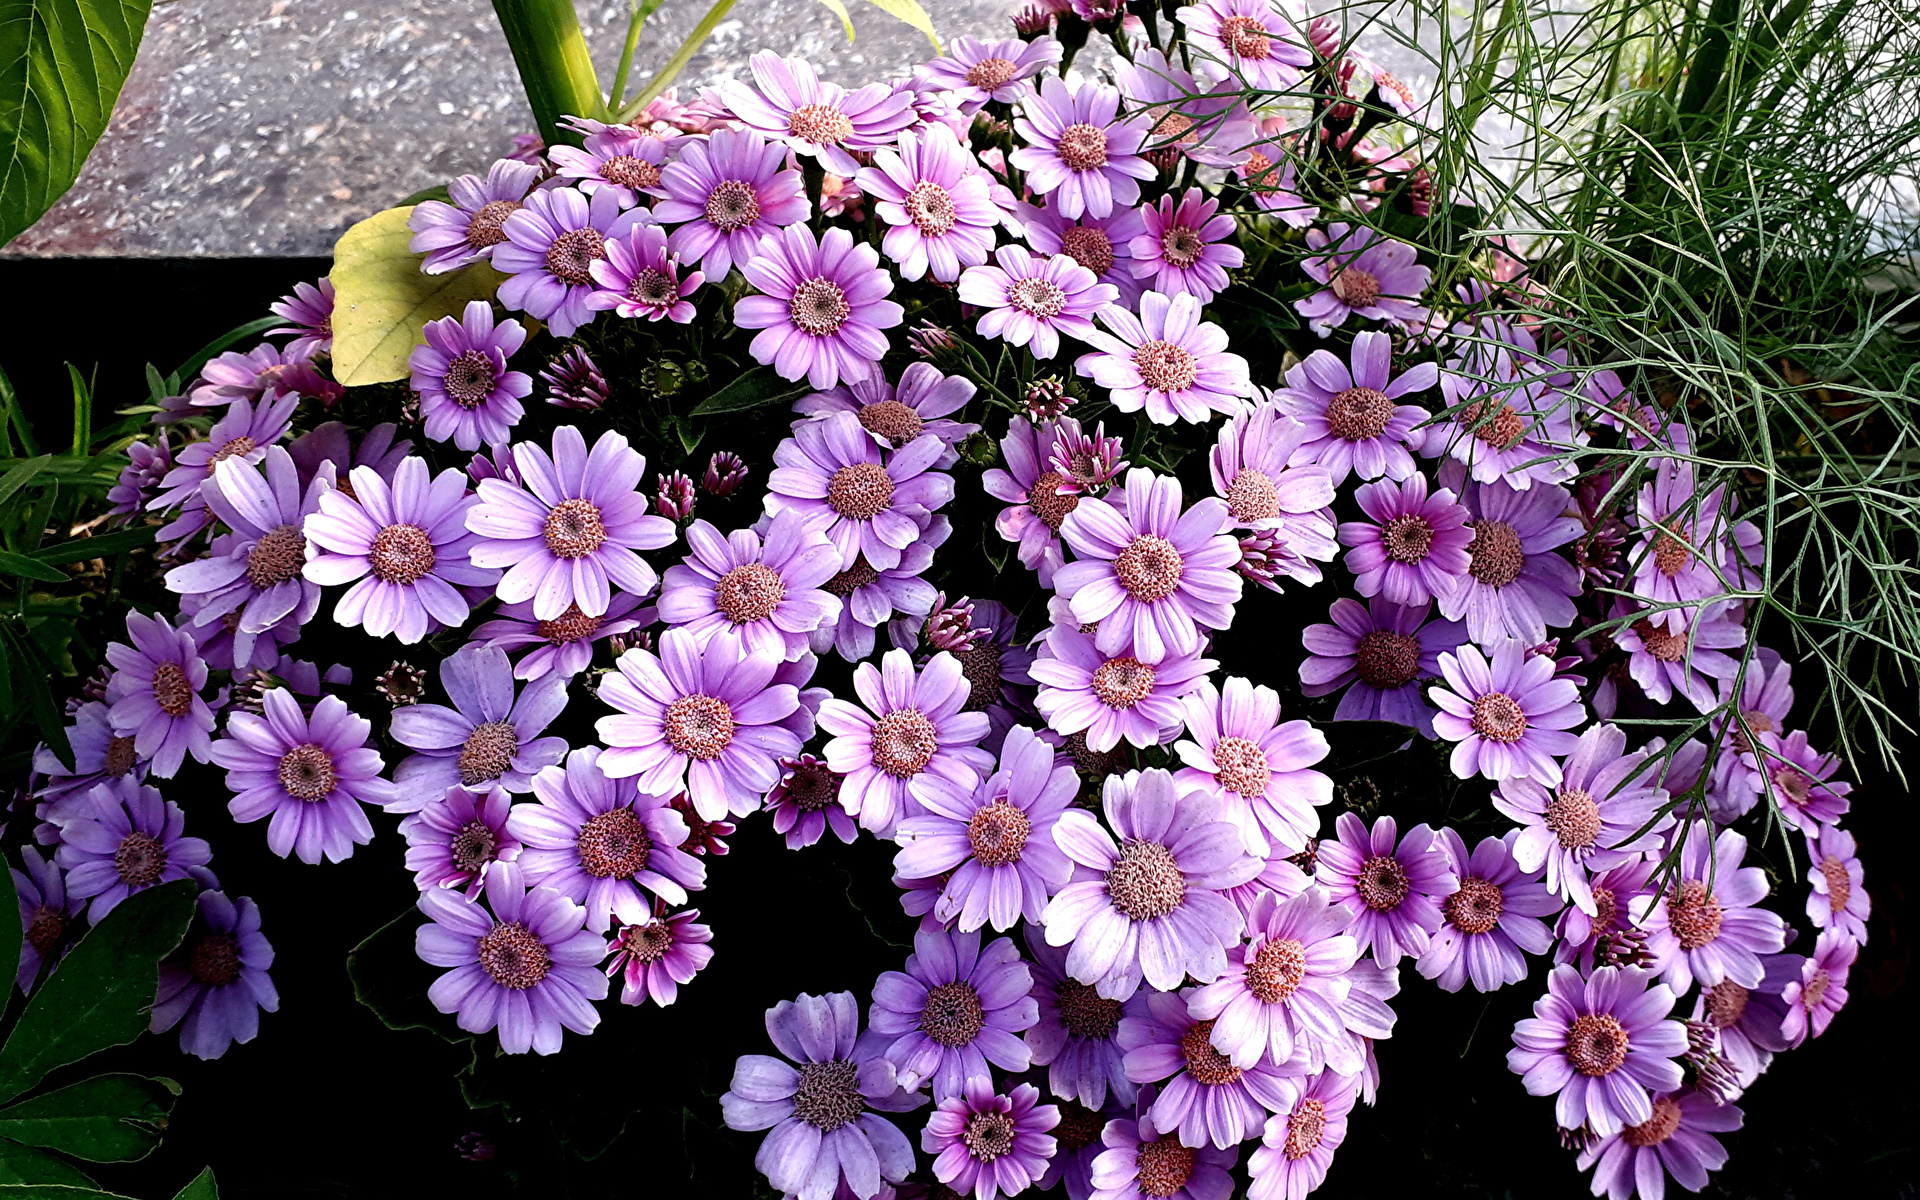 Fotos Violett Blüte Cineraria hautnah 1920x1200 Blumen Nahaufnahme Großansicht